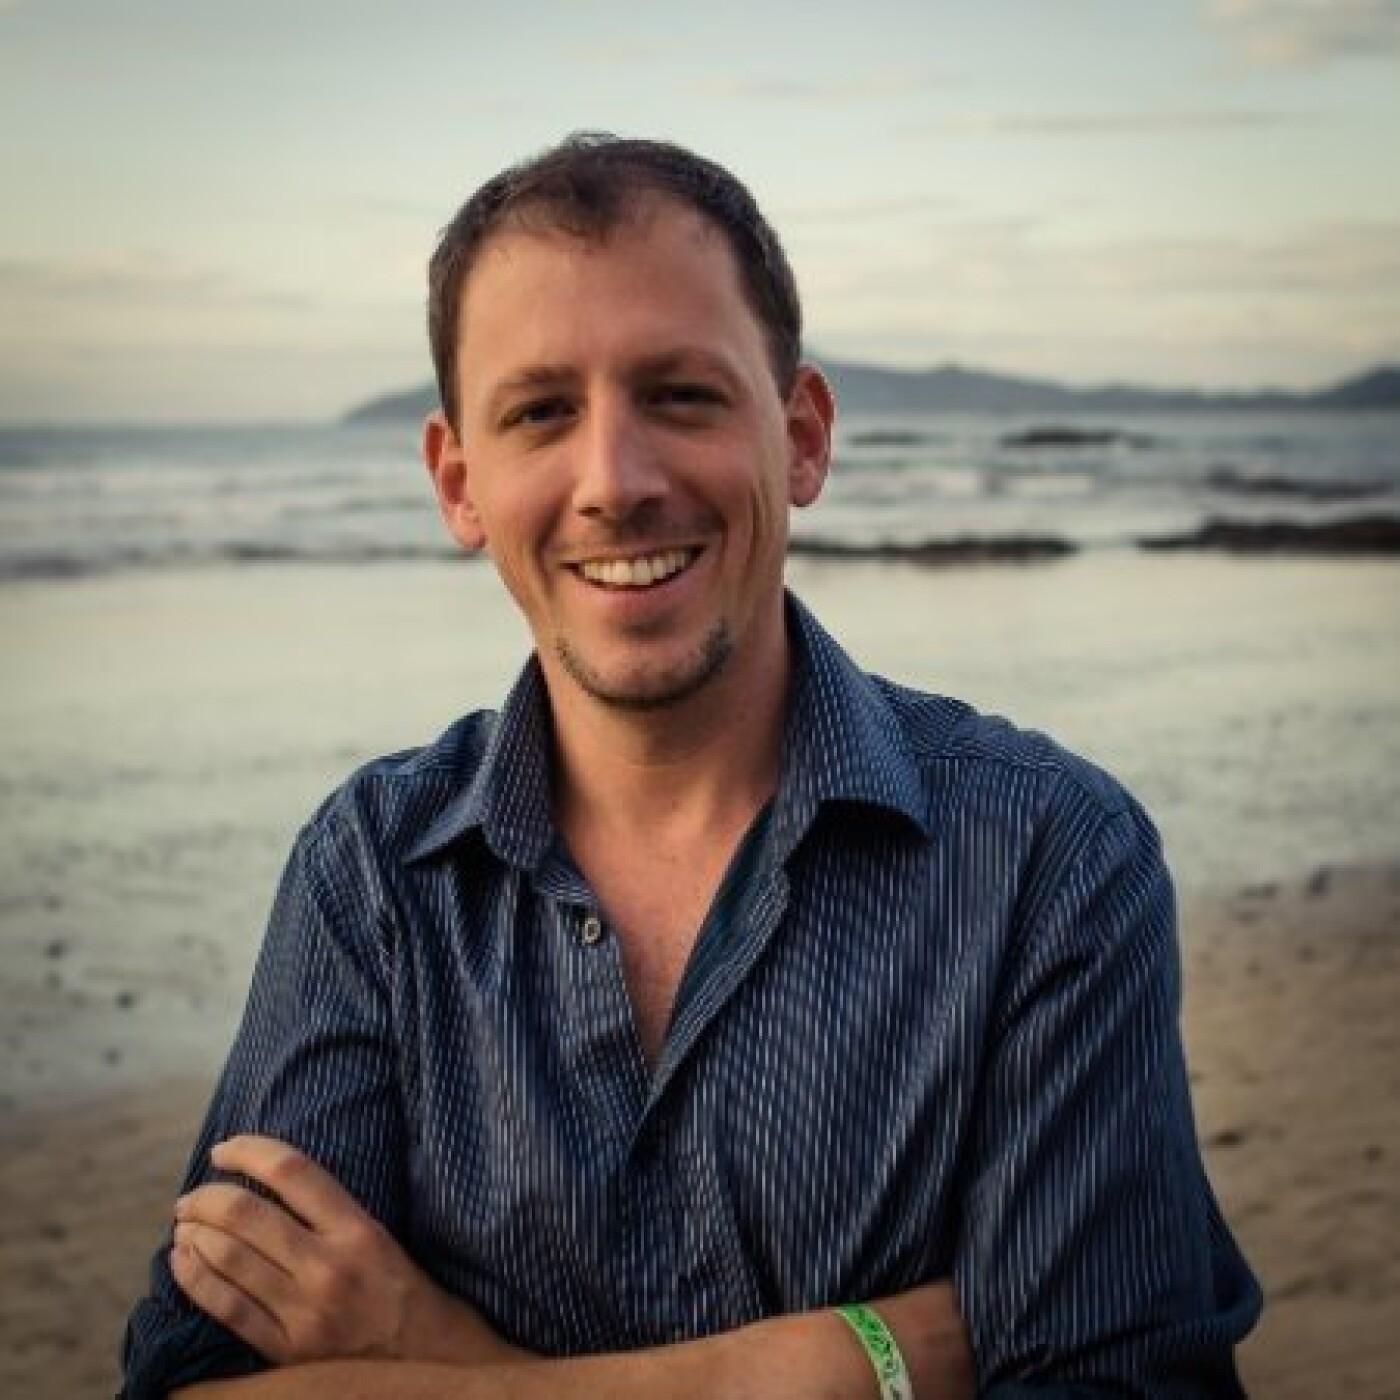 Thomas rentre de 15 années en Amérique du Sud - 27 09 2021 - StereoChic Radio